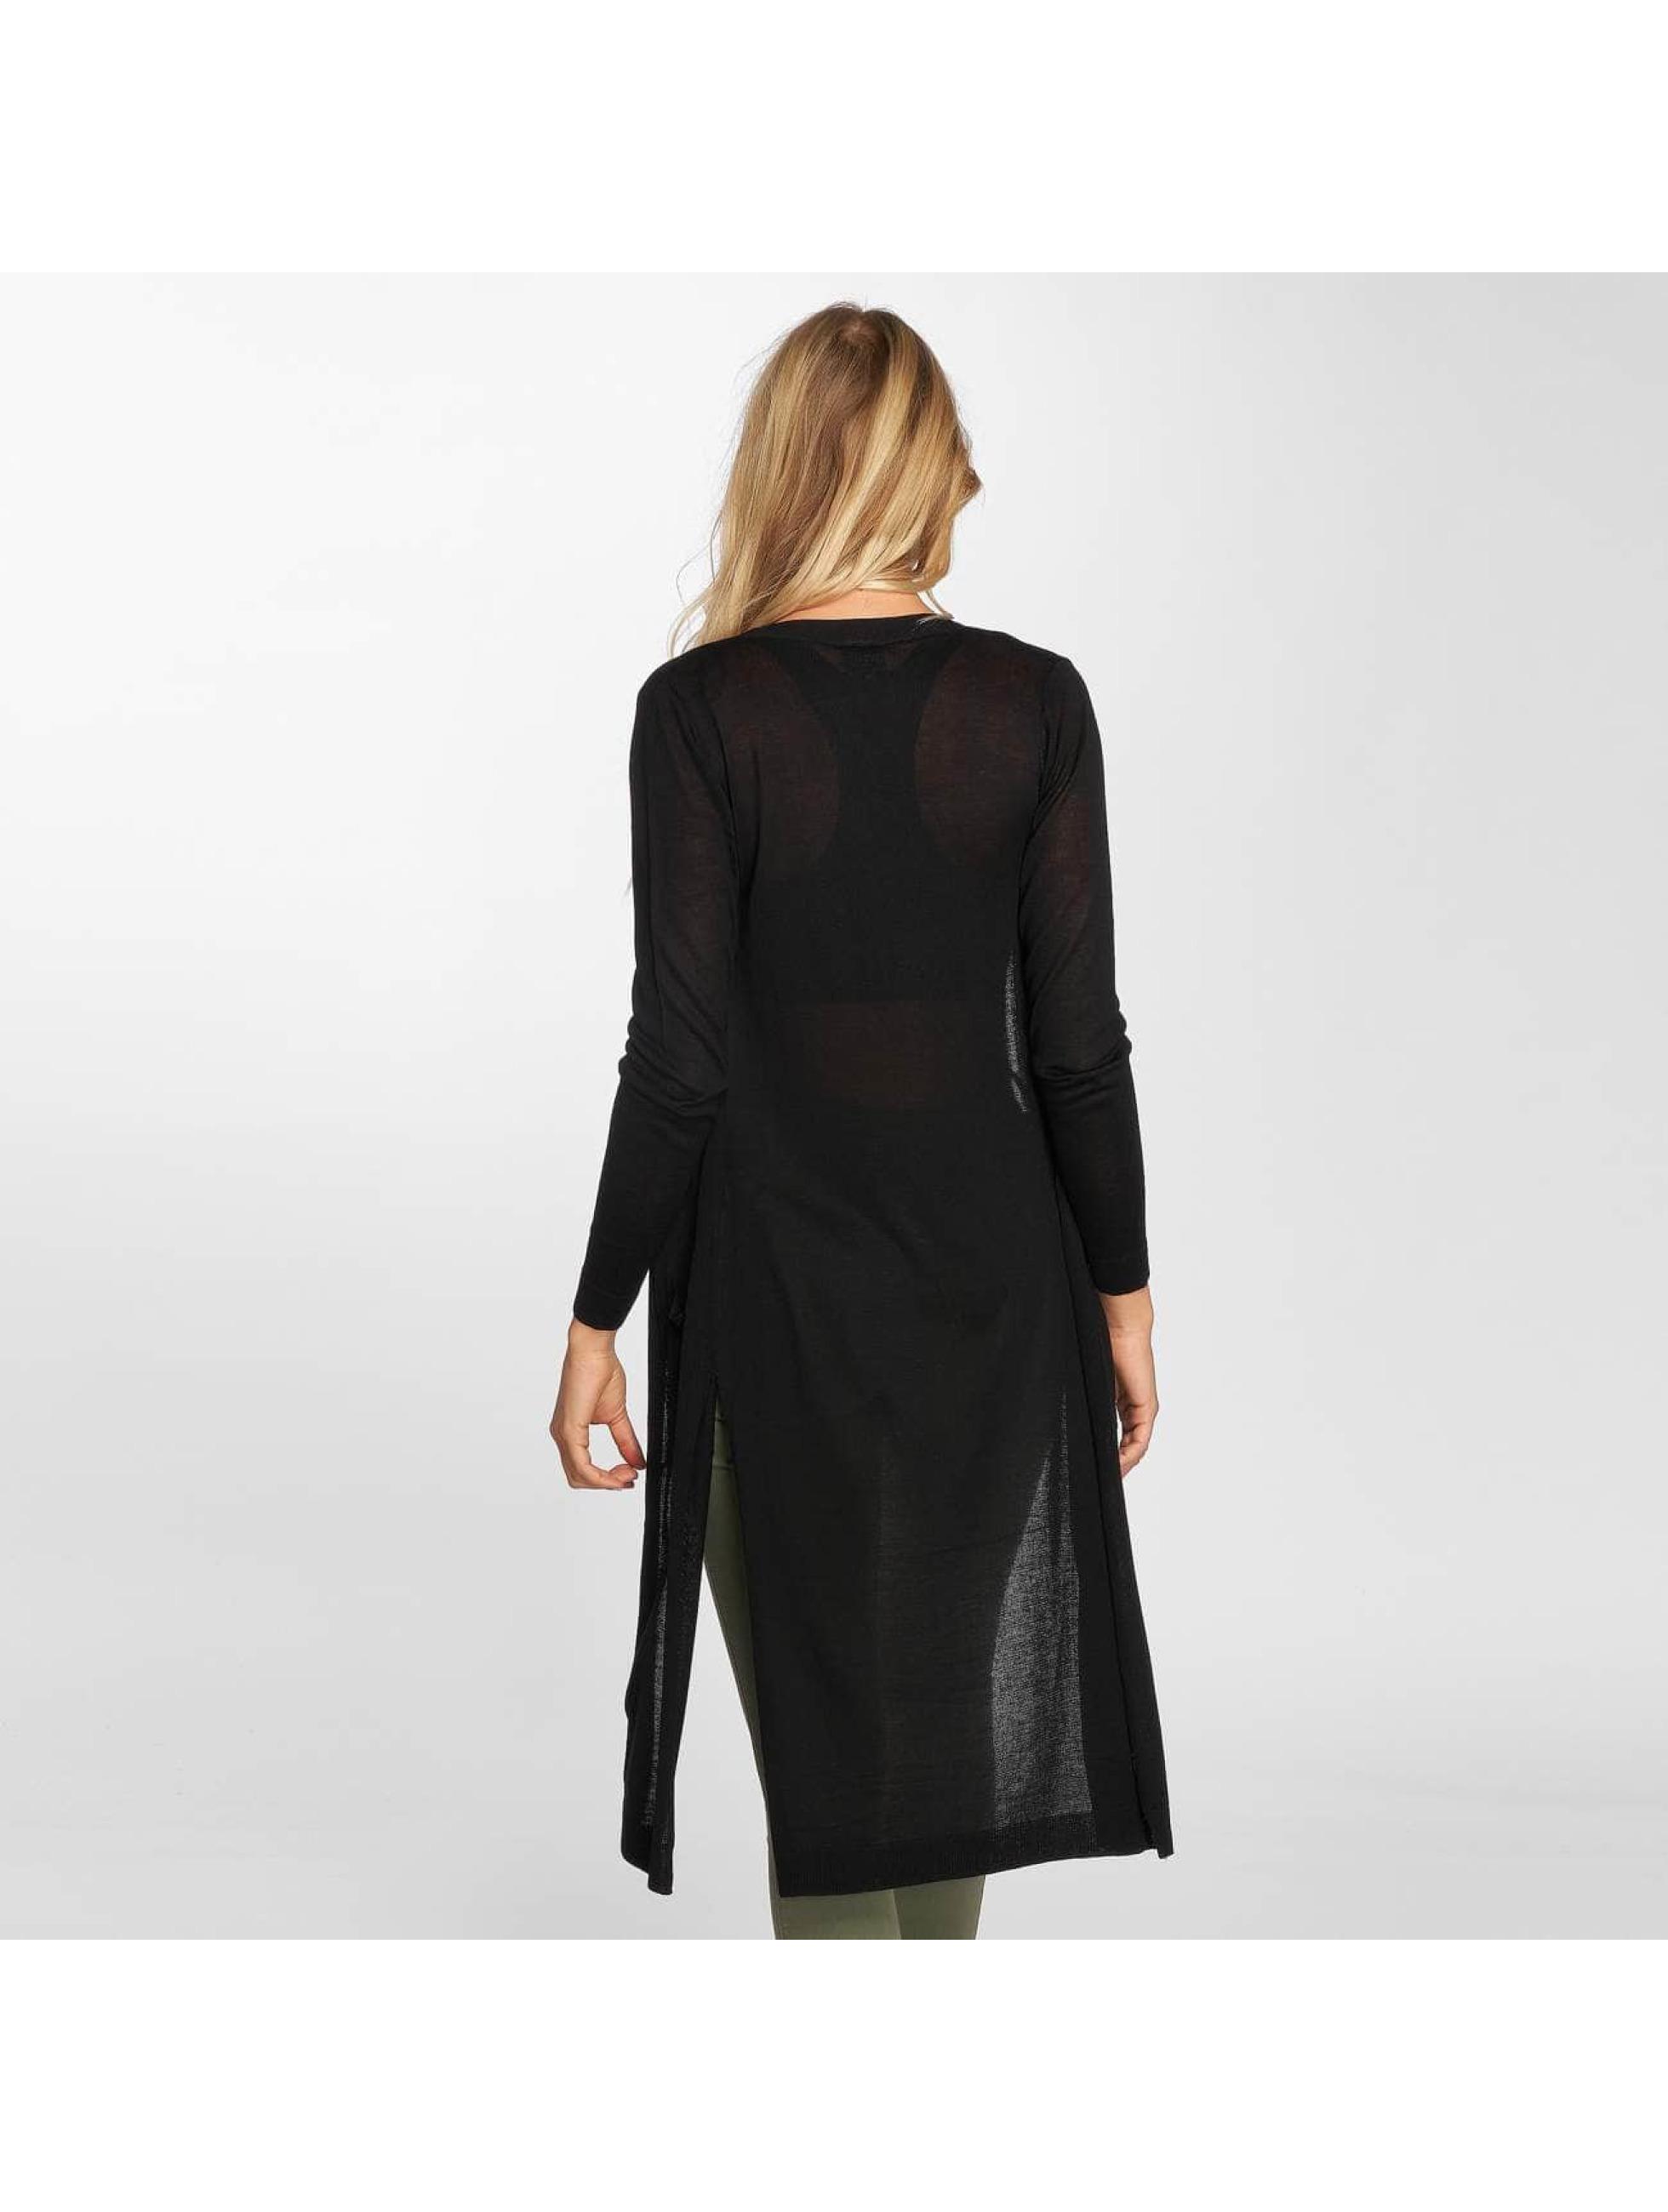 Urban Classics vest Ladies Fine Knit zwart